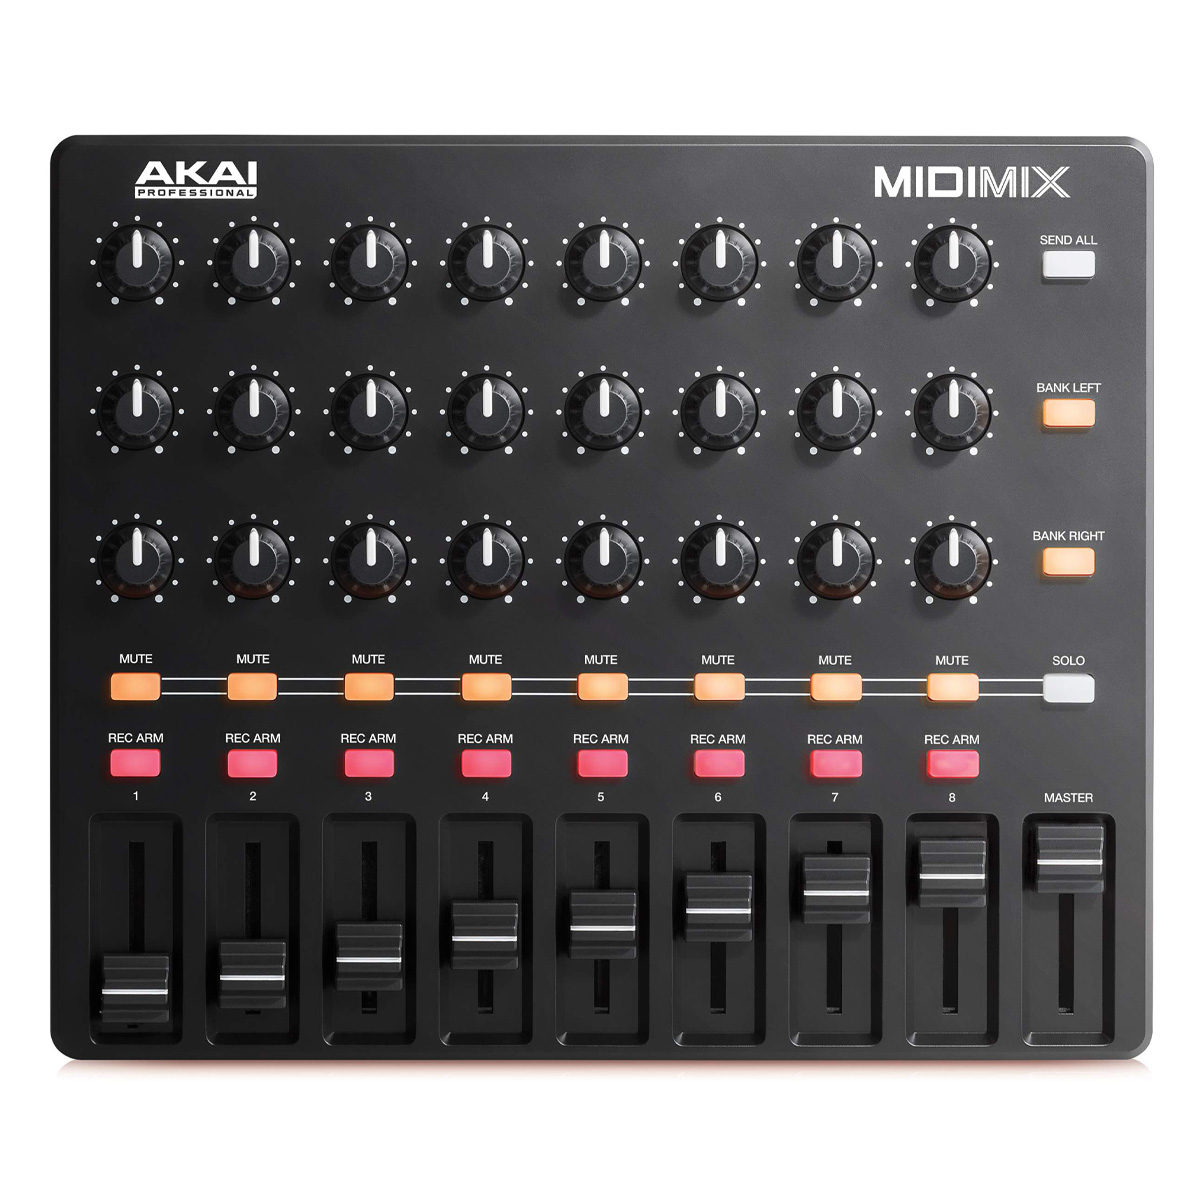 Controladora Akai MIDIMIX